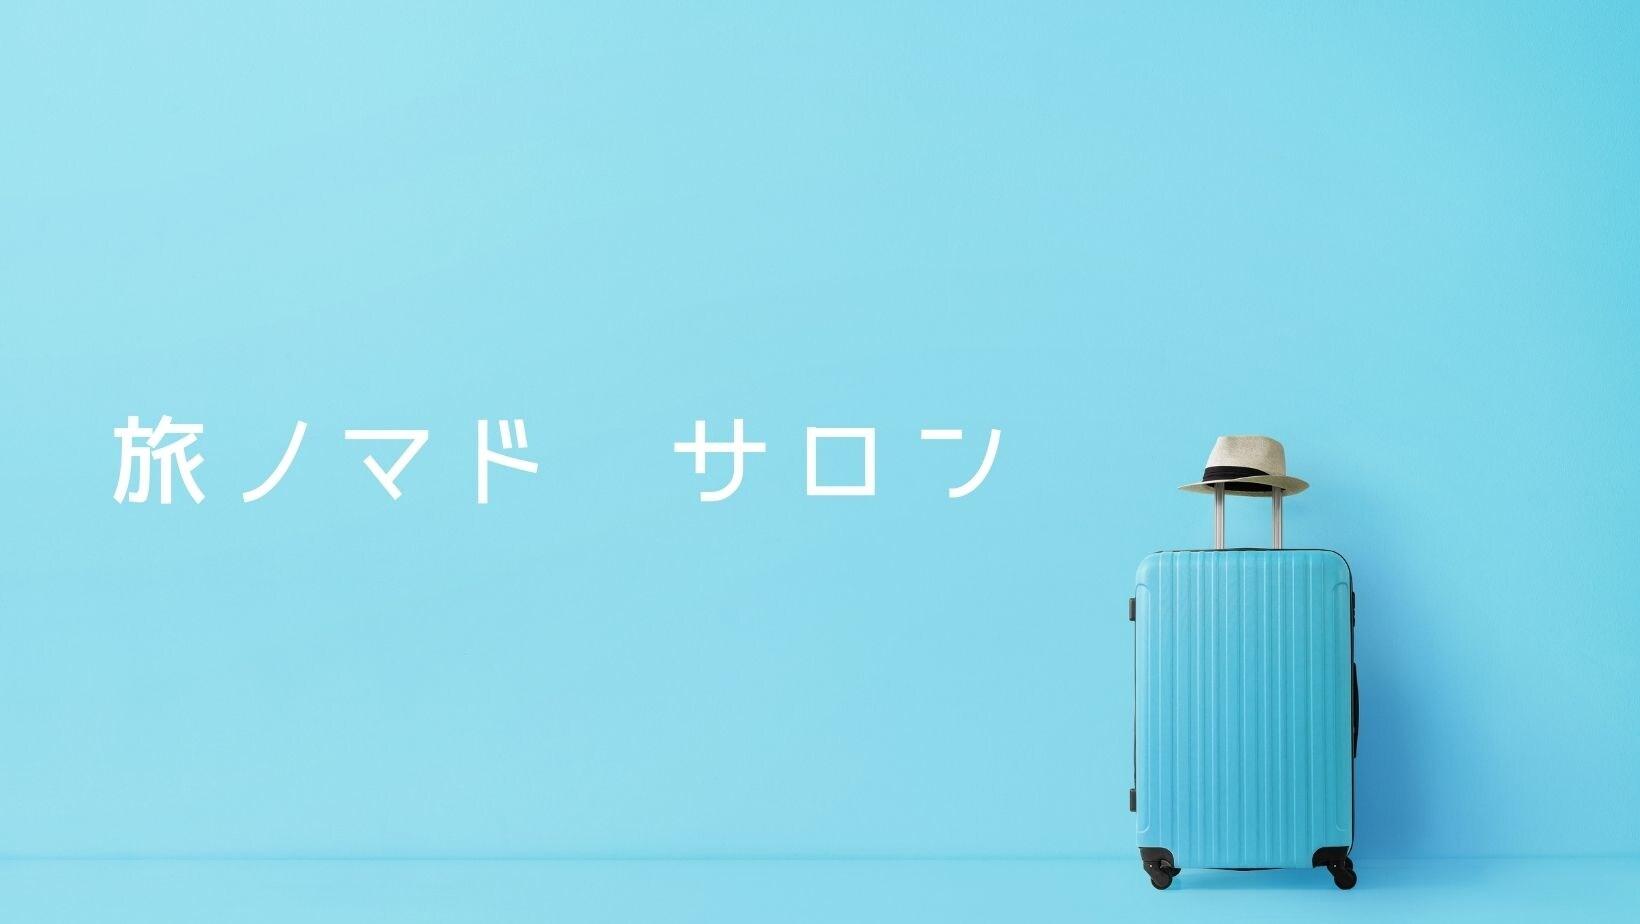 旅ノマド サロン ワンランク上のホテルステイを楽しみながらノマドを満喫するオンラインサロンです